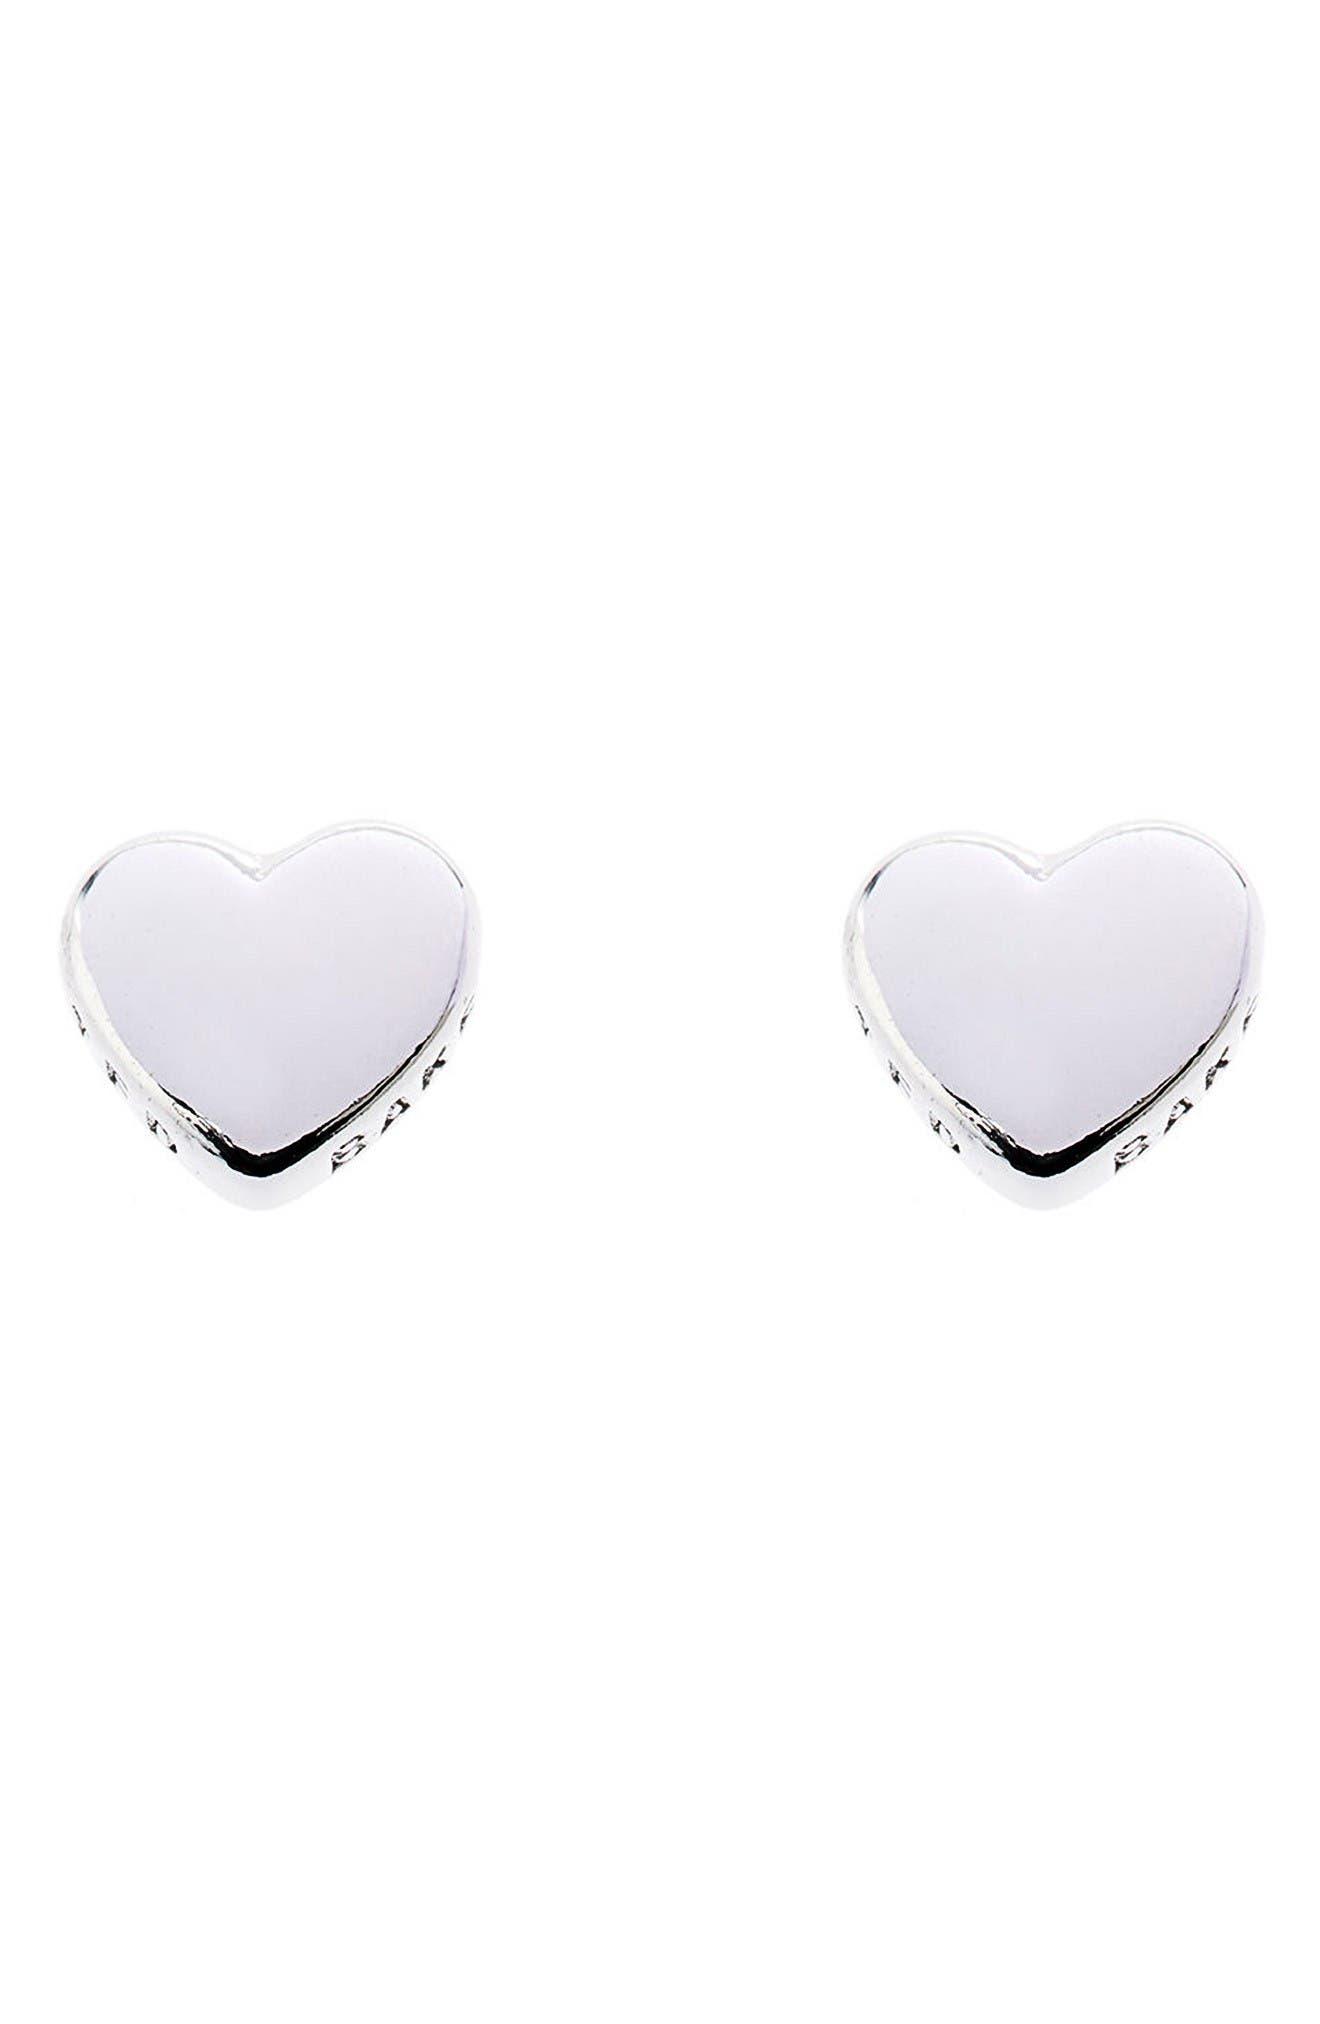 Sweetheart Stud Earrings,                             Main thumbnail 1, color,                             Silver Color